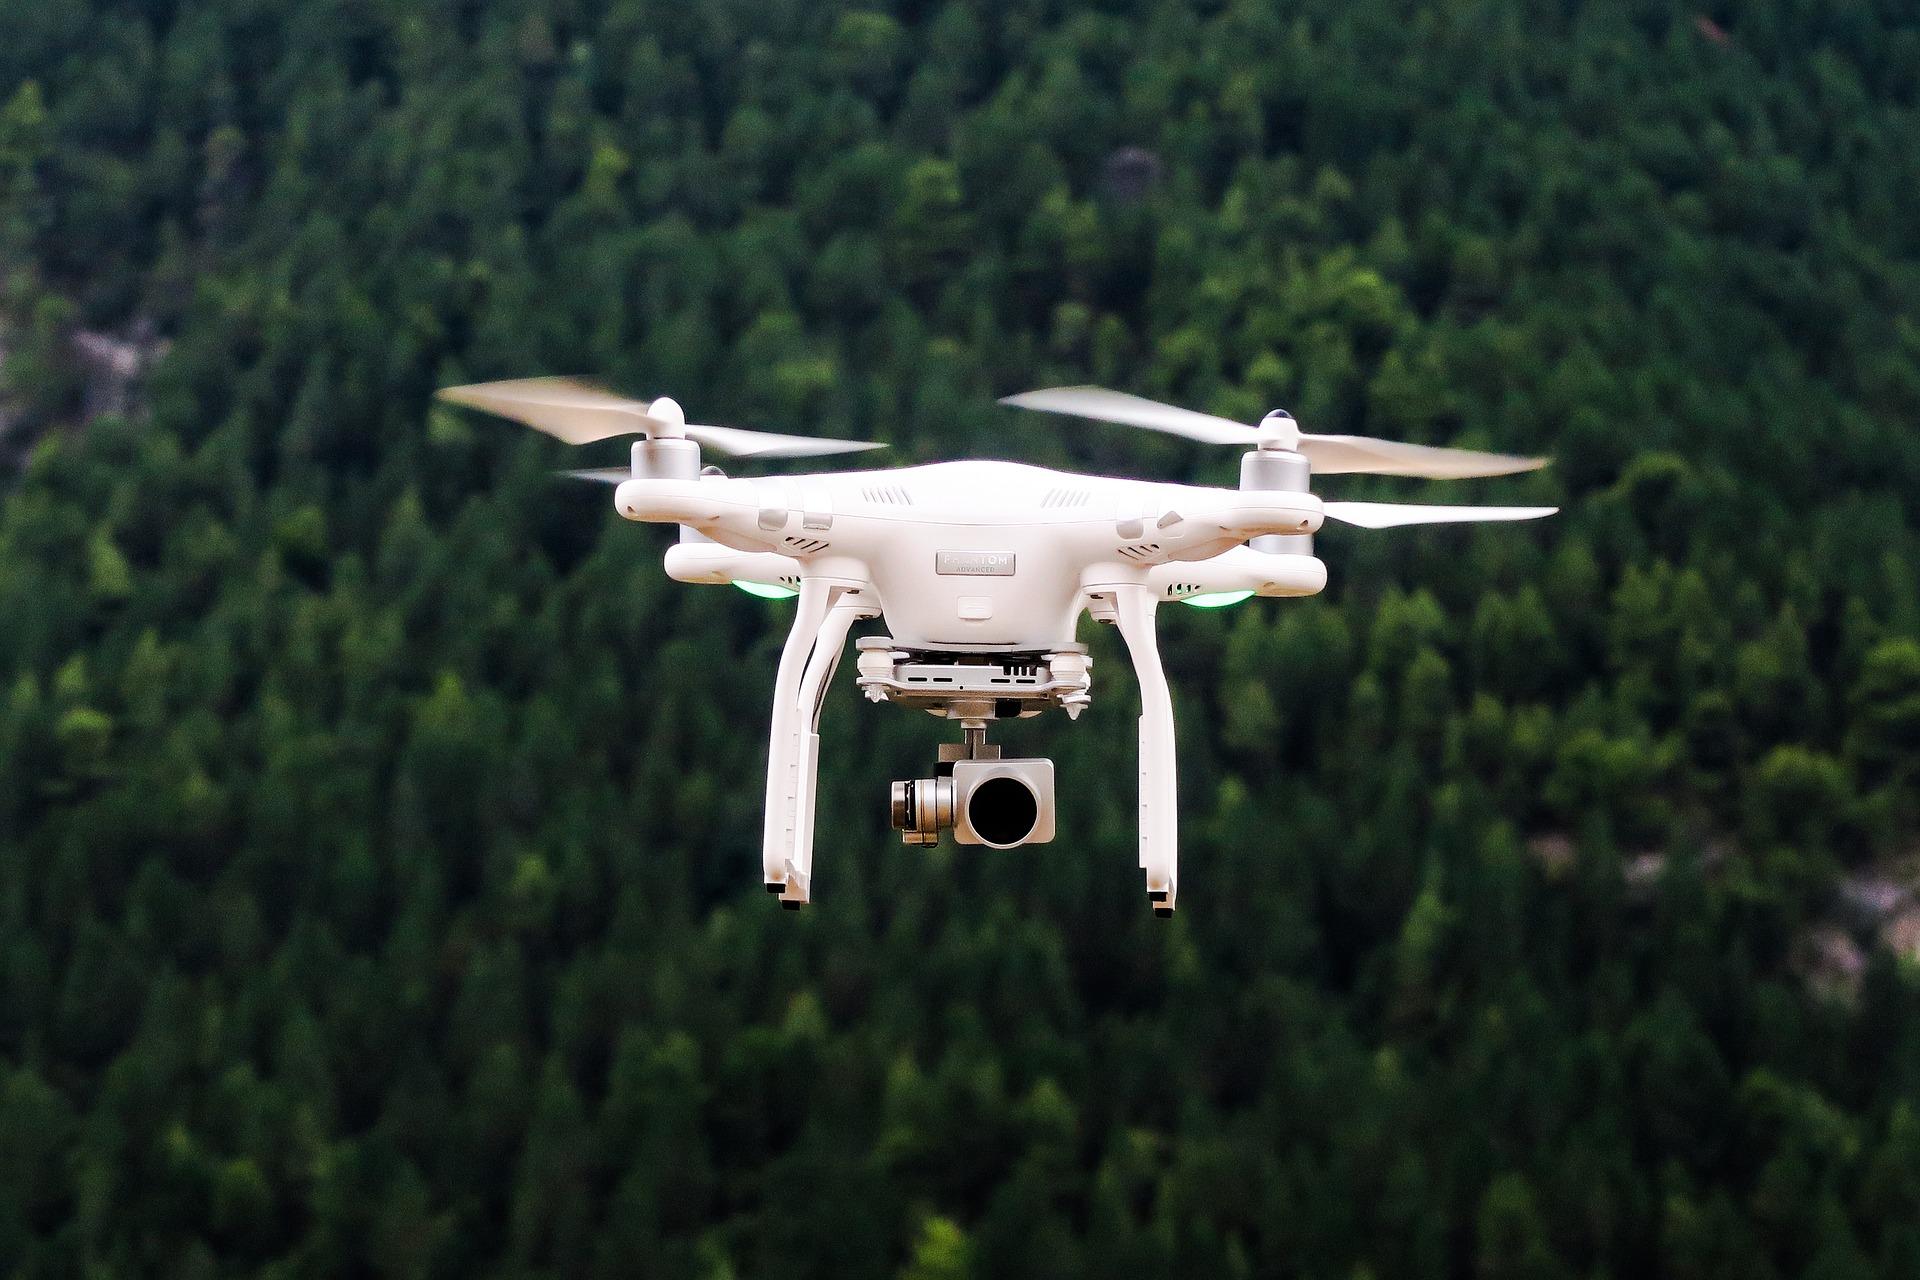 Obrázek: Dron umí uhnout letícímu míči i ptákům. Novou úroveň obratnosti představili vědci z Curyšské univerzity